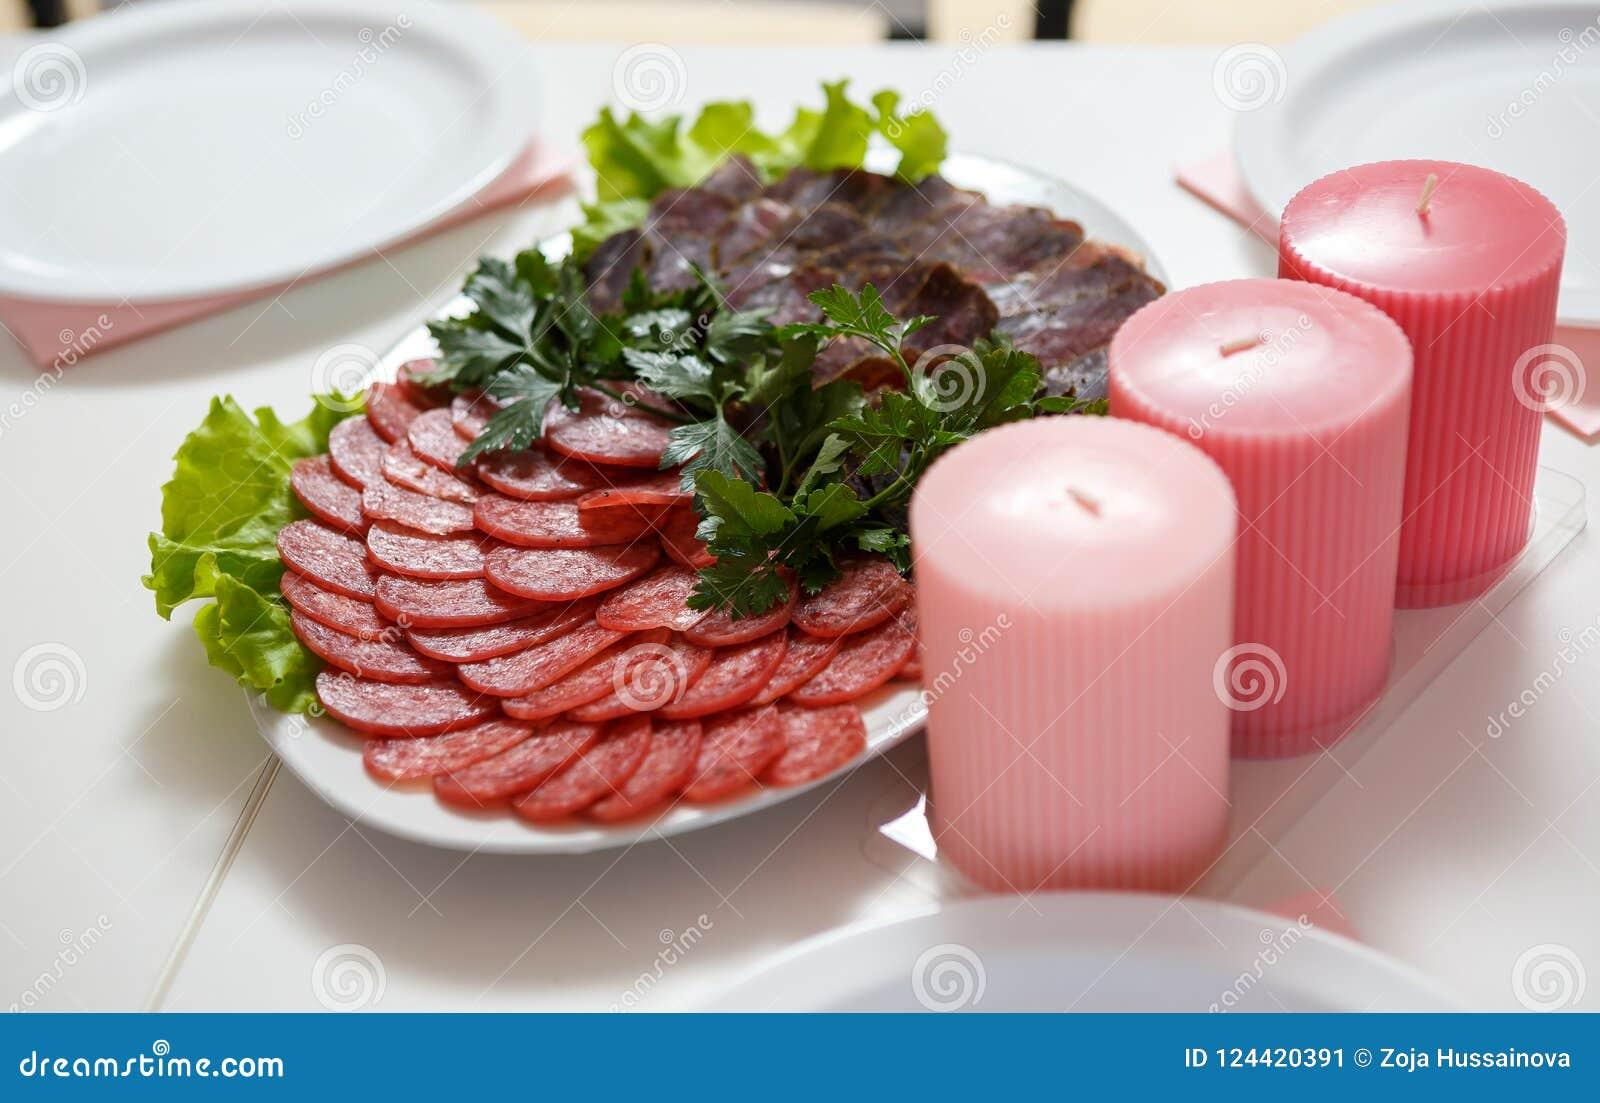 Kiełbasiany baleronu mięsa talerz słuzyć na stole przy restauracją caf